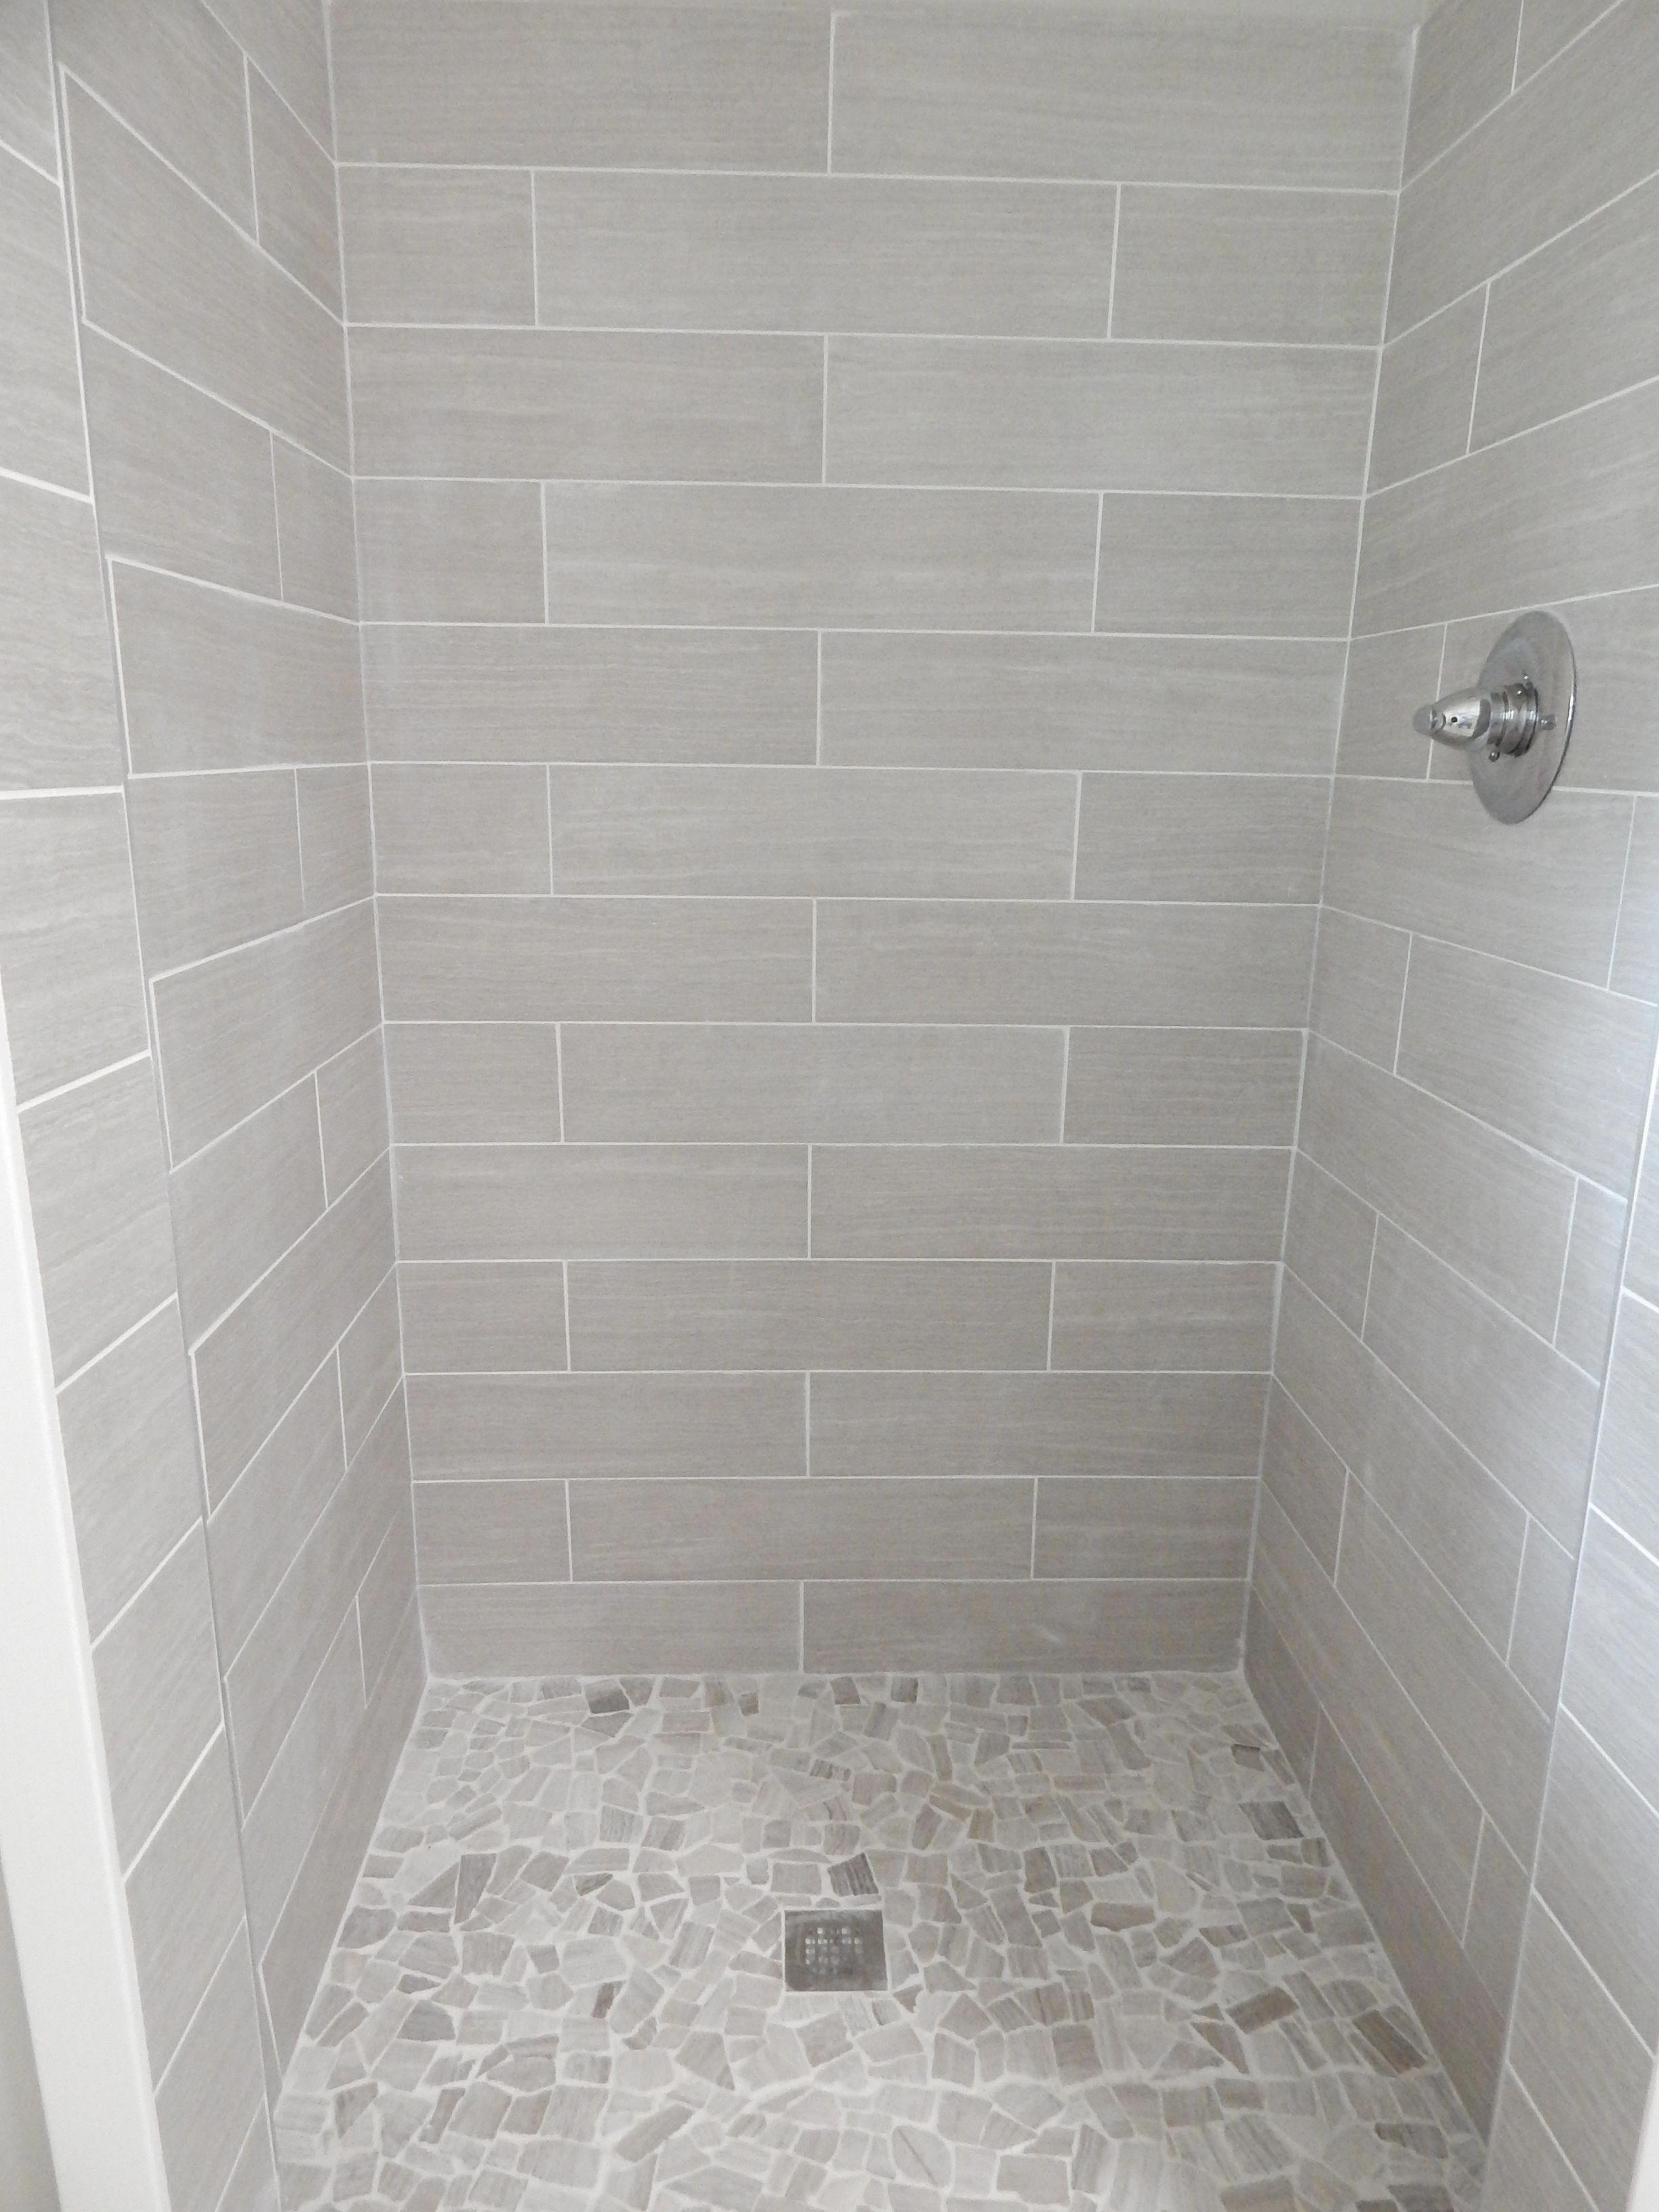 Cibuta West Lafayette Contemporary Master Bathroom Remodel 2 Contemporary Master Bathroom Bathrooms Remodel Modern Master Bathroom Design